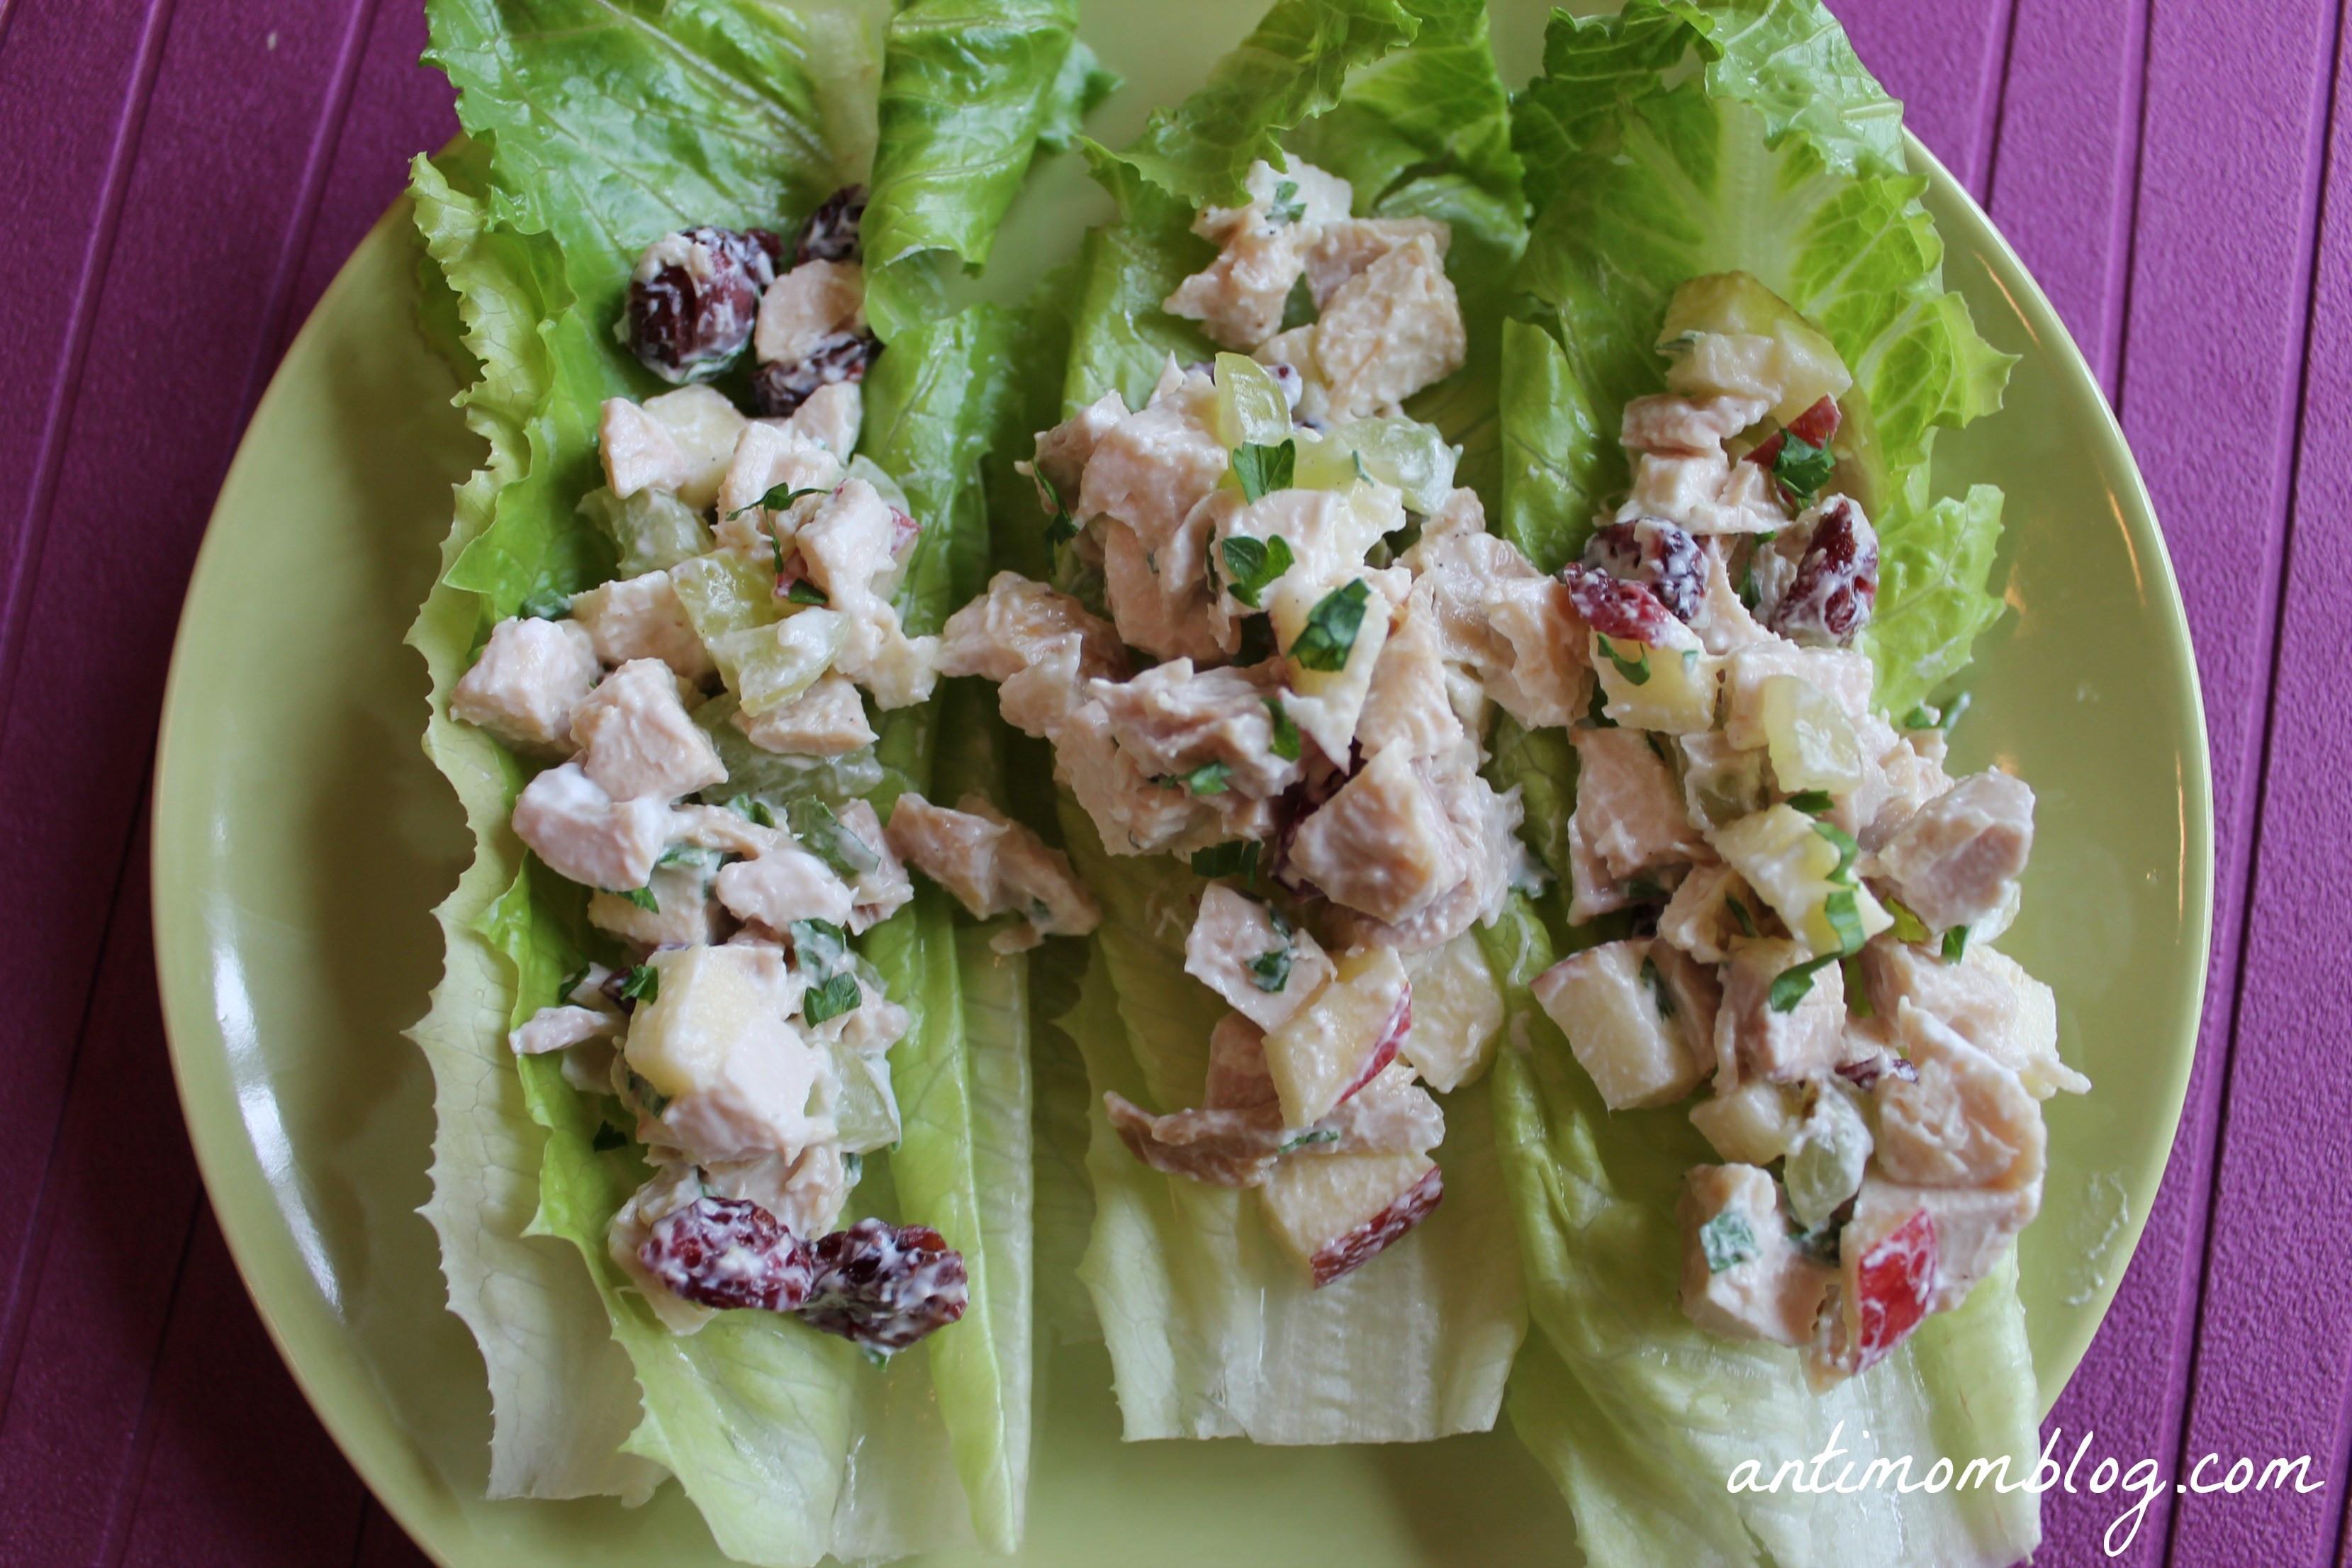 Is Chicken Salad Healthy  Healthy Chicken Salad Recipe The Anti Mom Blog